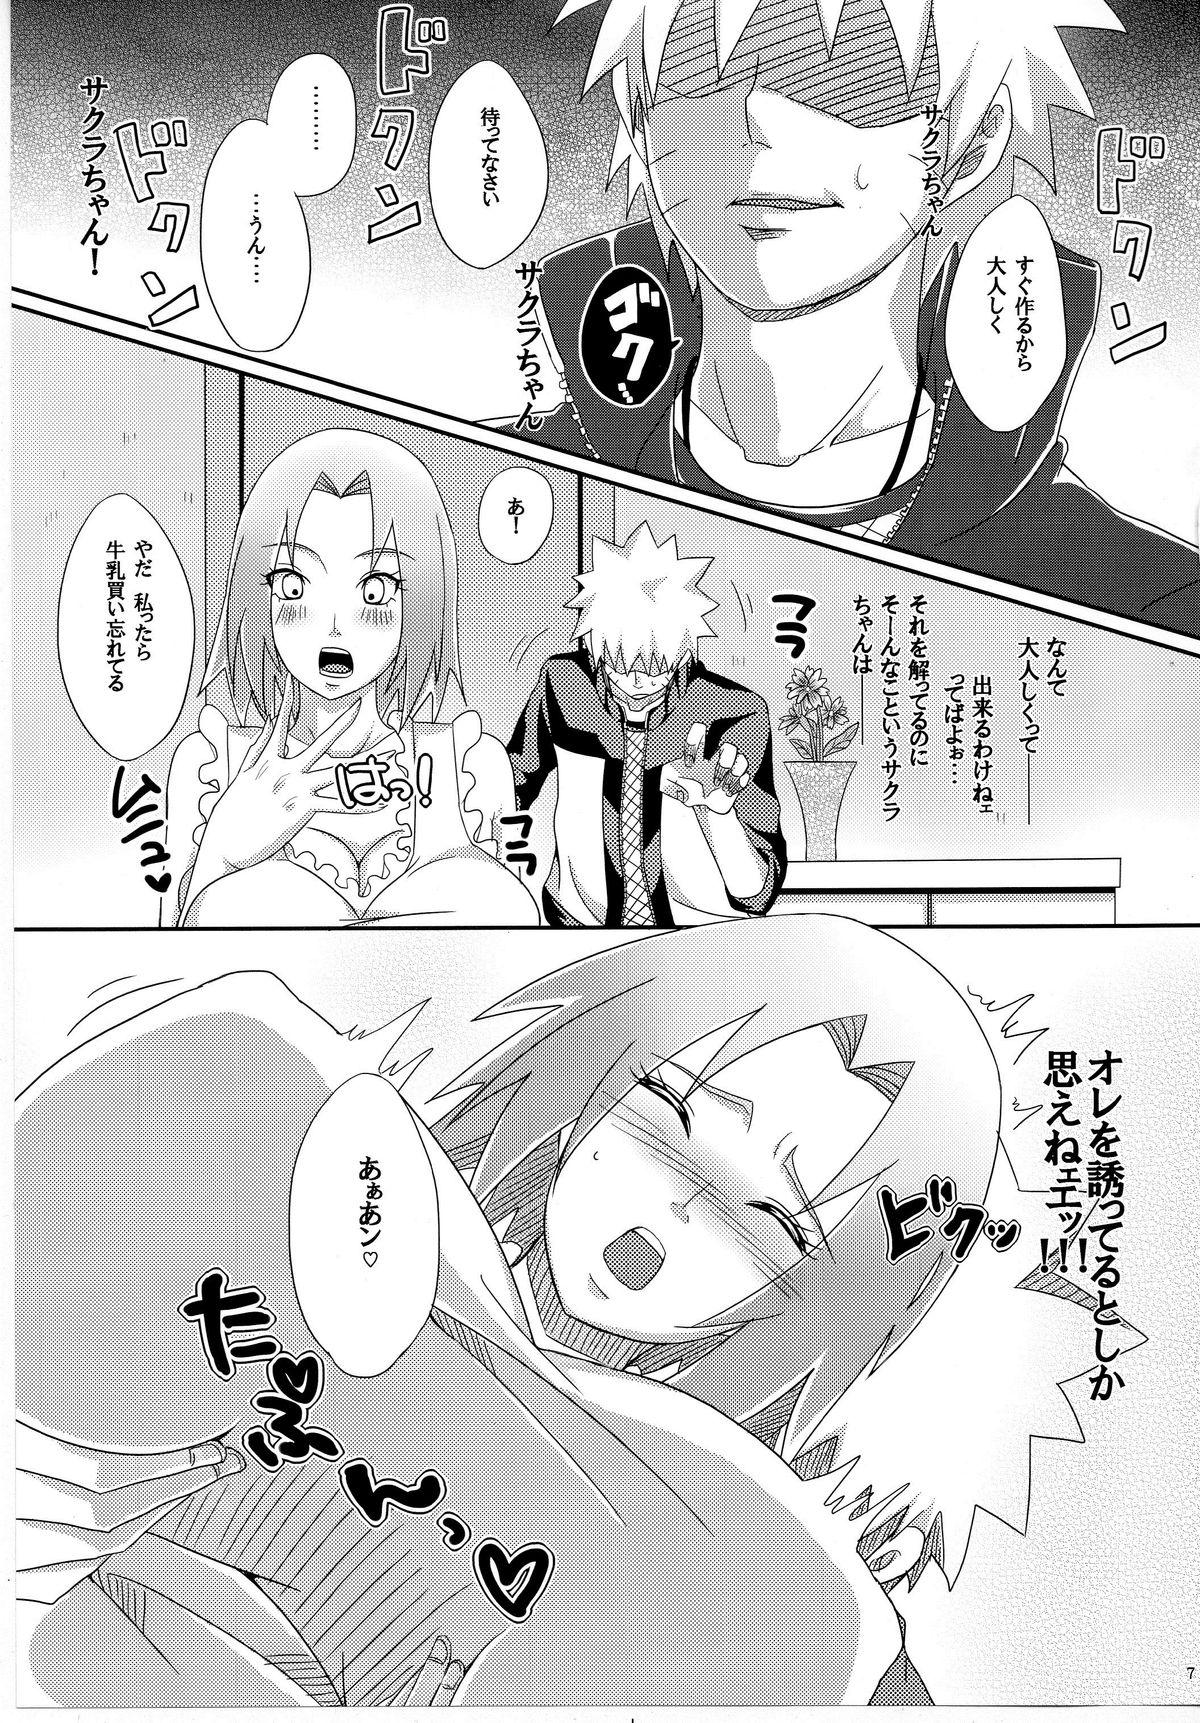 Sato Ichiban no! 5